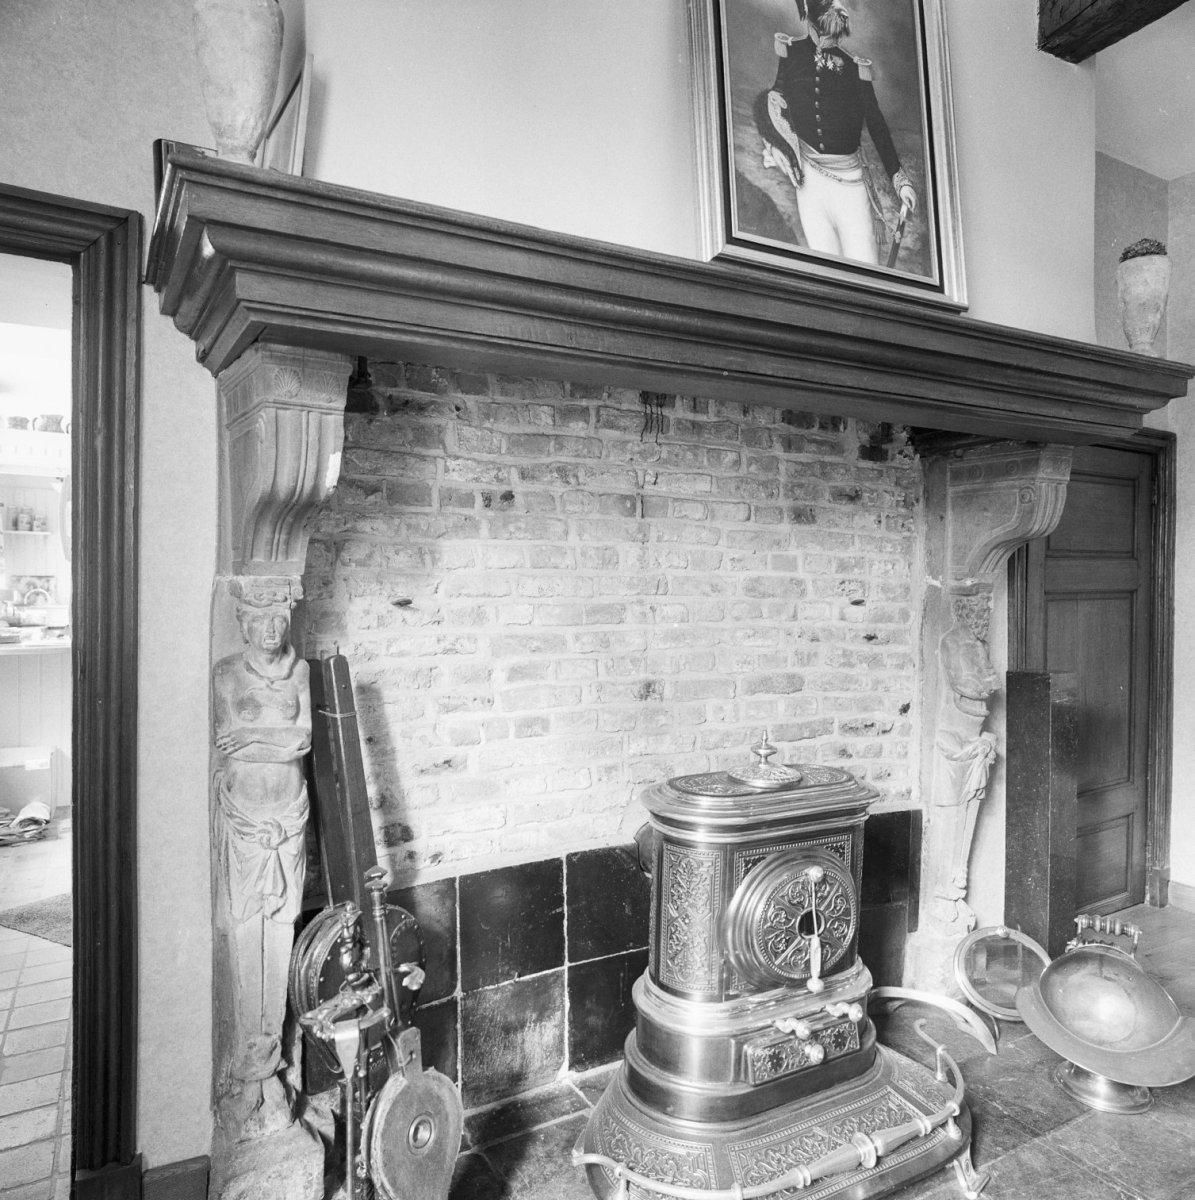 File interieur oude keuken schouw met natuurstenen beelden cadier en keer 20329896 rce - Interieur oud huis ...